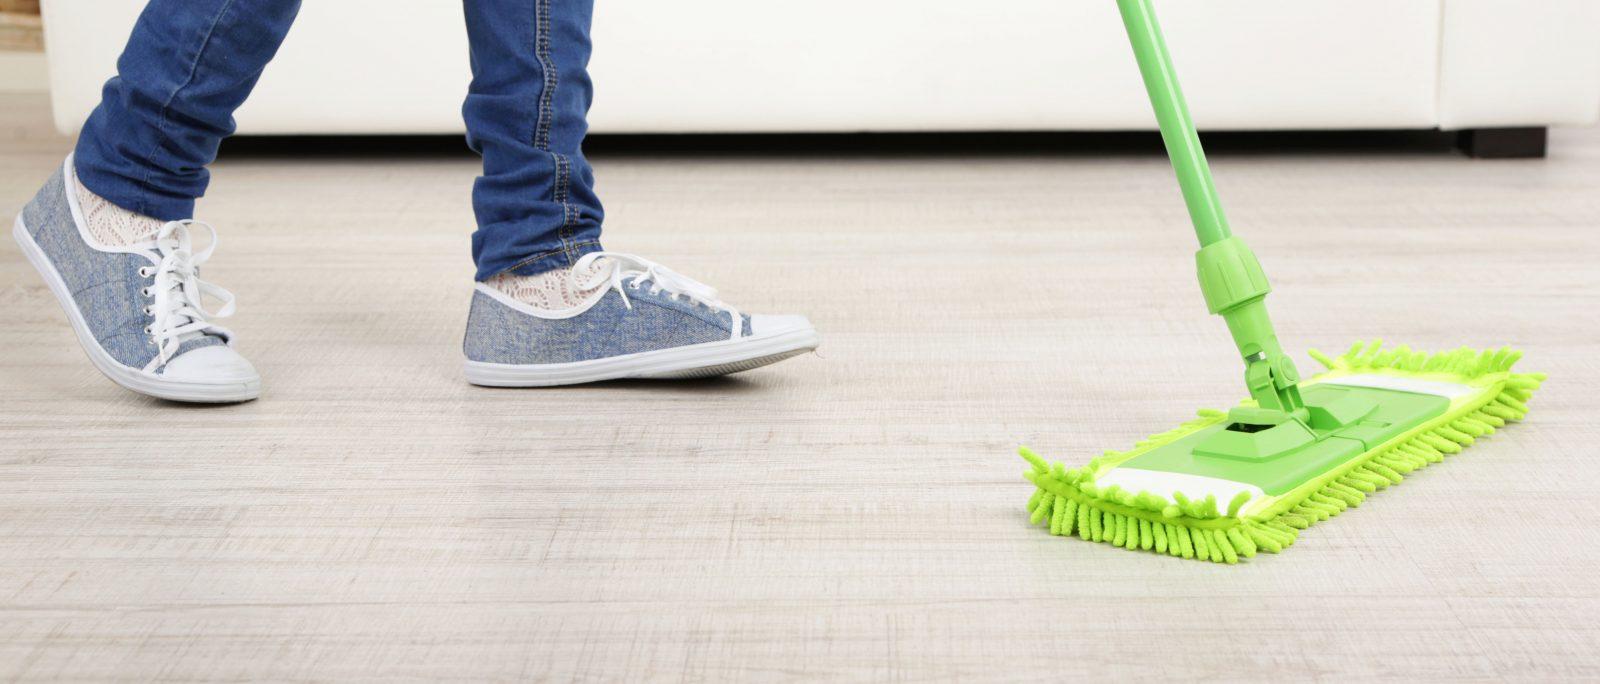 luxury vinyl flooring cleaning | Frazee Carpet & Flooring